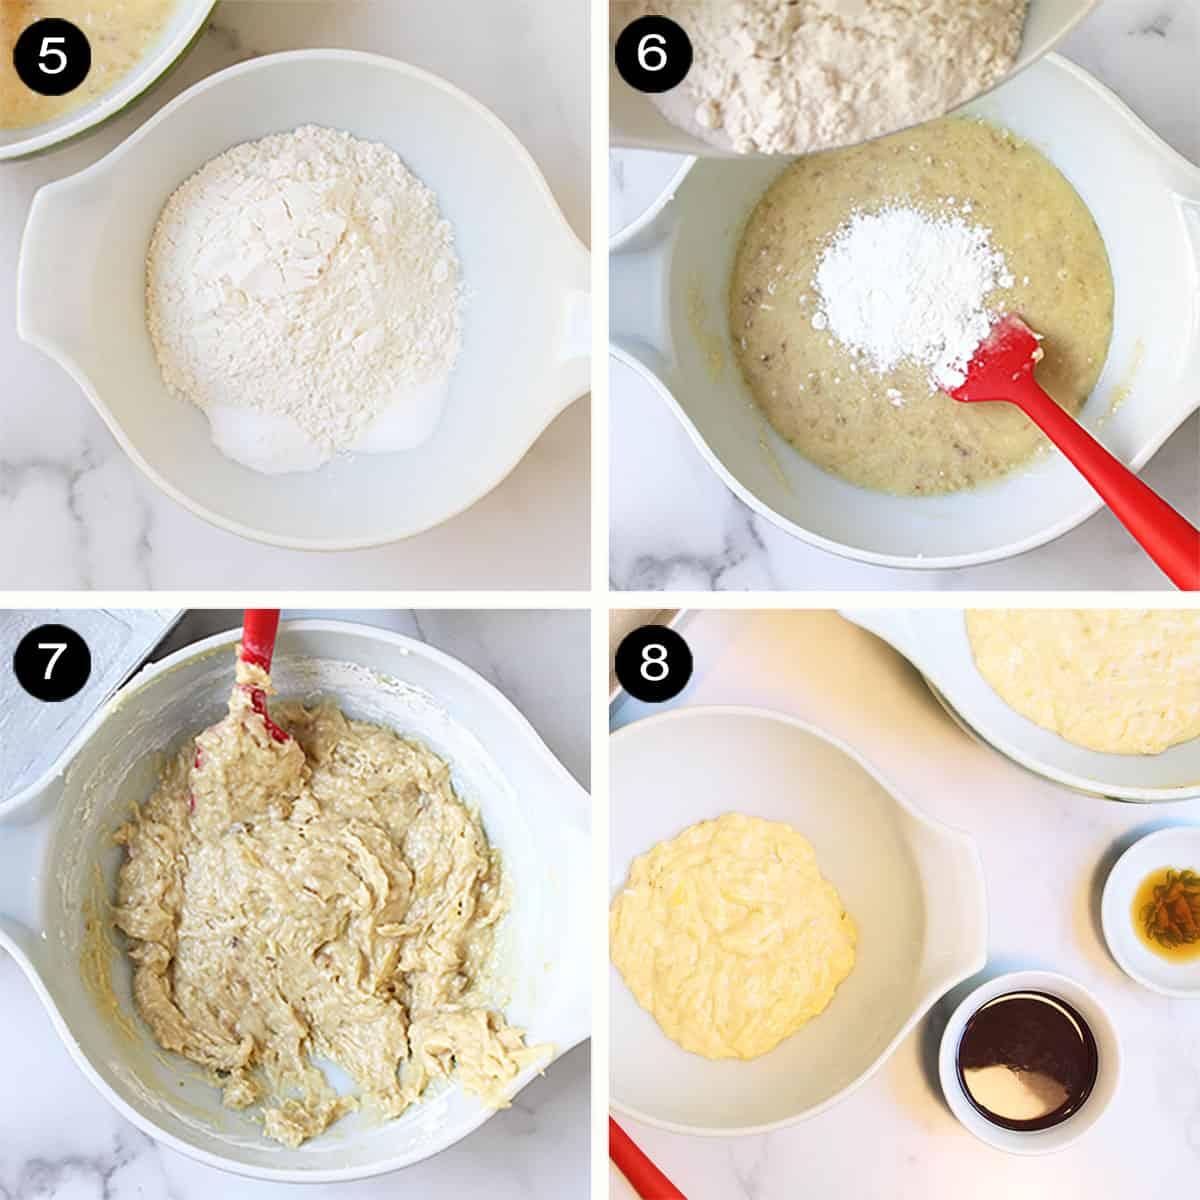 Steps 5-8 finishing banana bread batter.